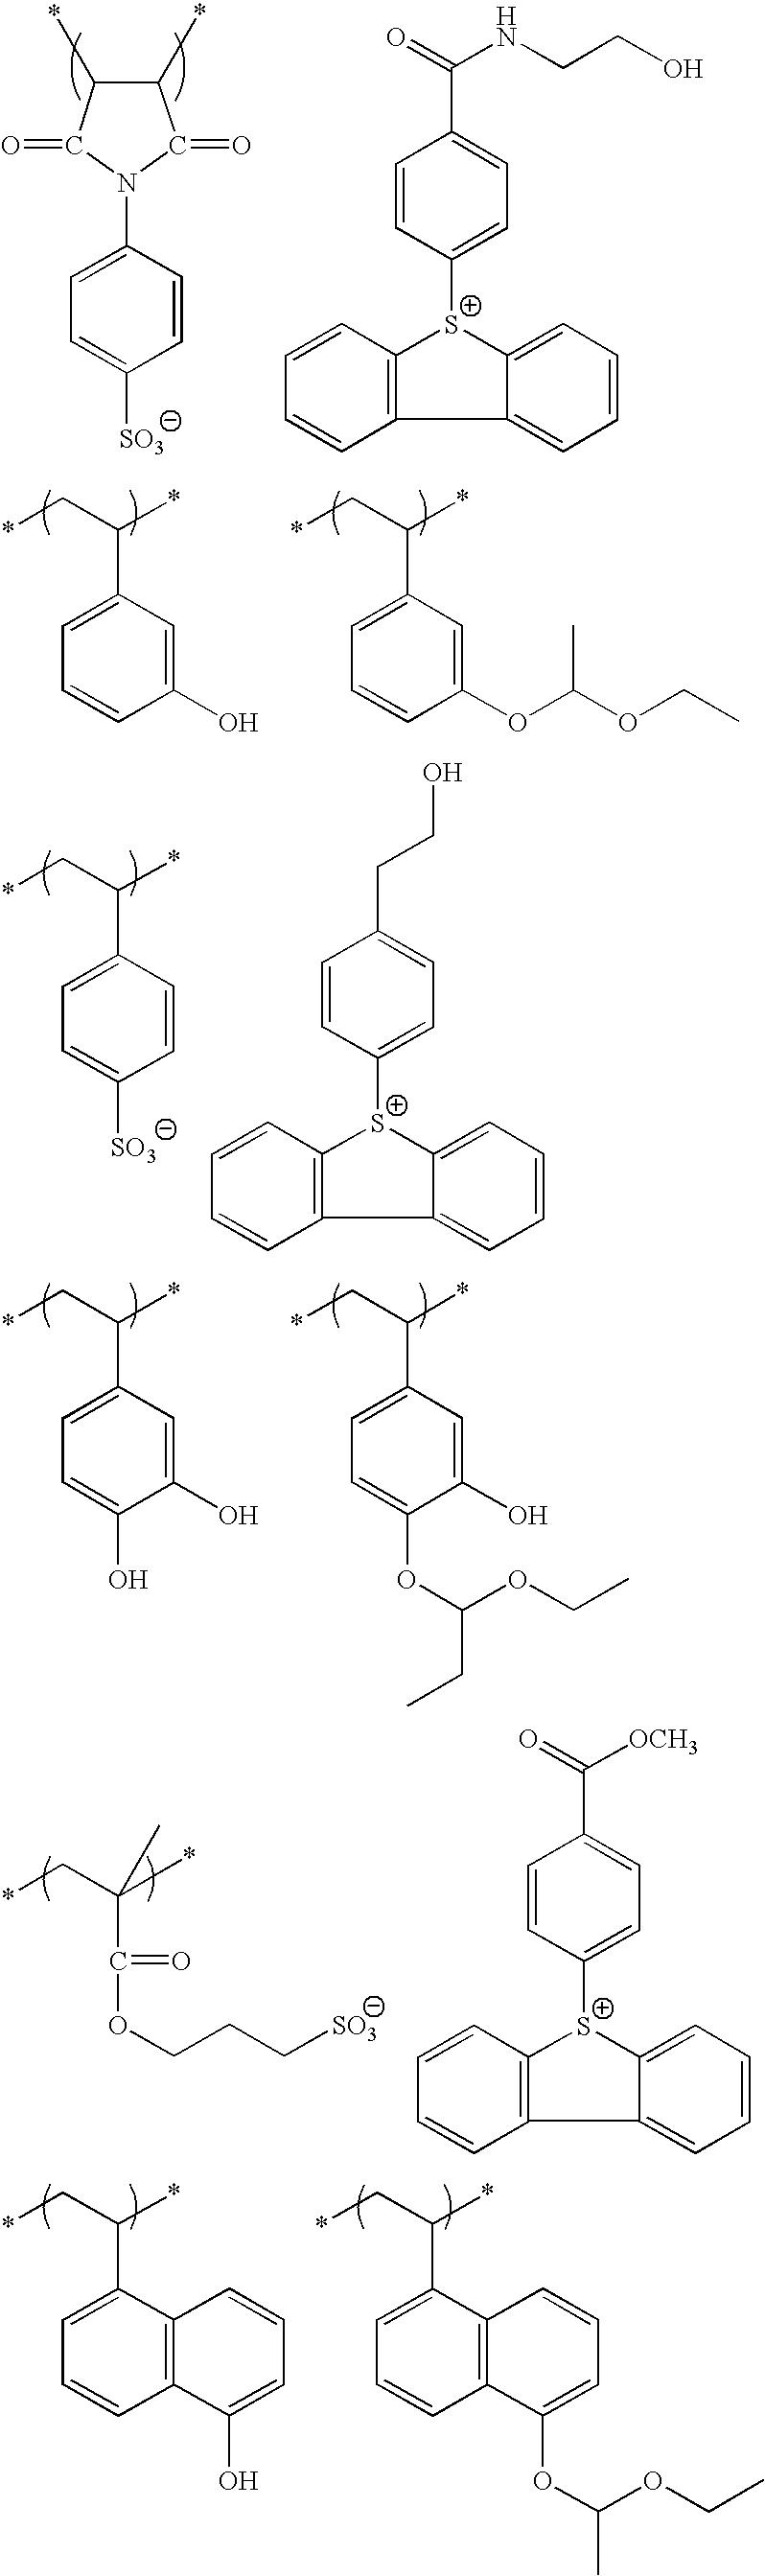 Figure US20100183975A1-20100722-C00181